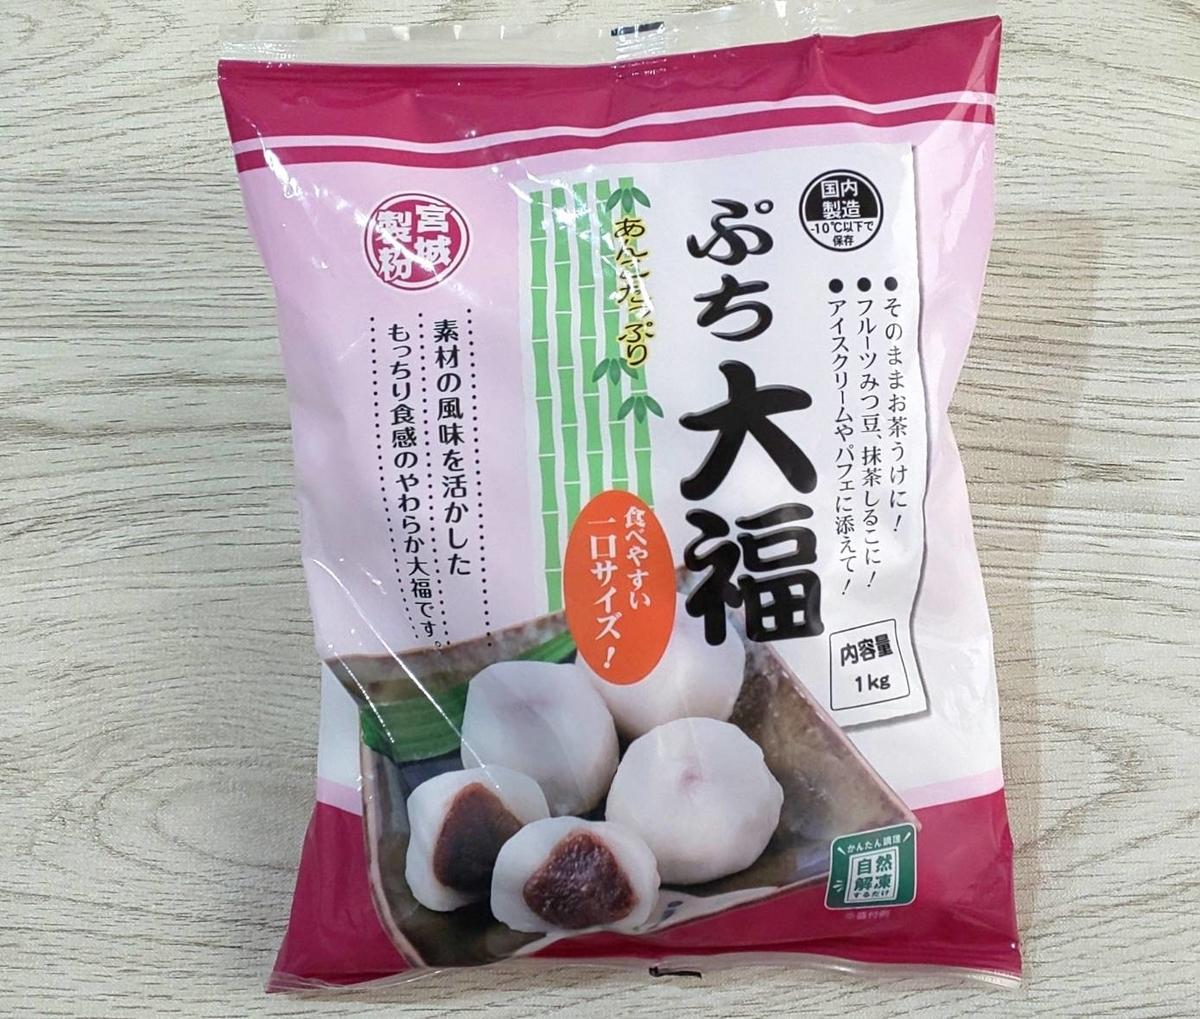 業務スーパー ぷち大福 原材料 カロリー 栄養成分 感想 口コミ レビュー